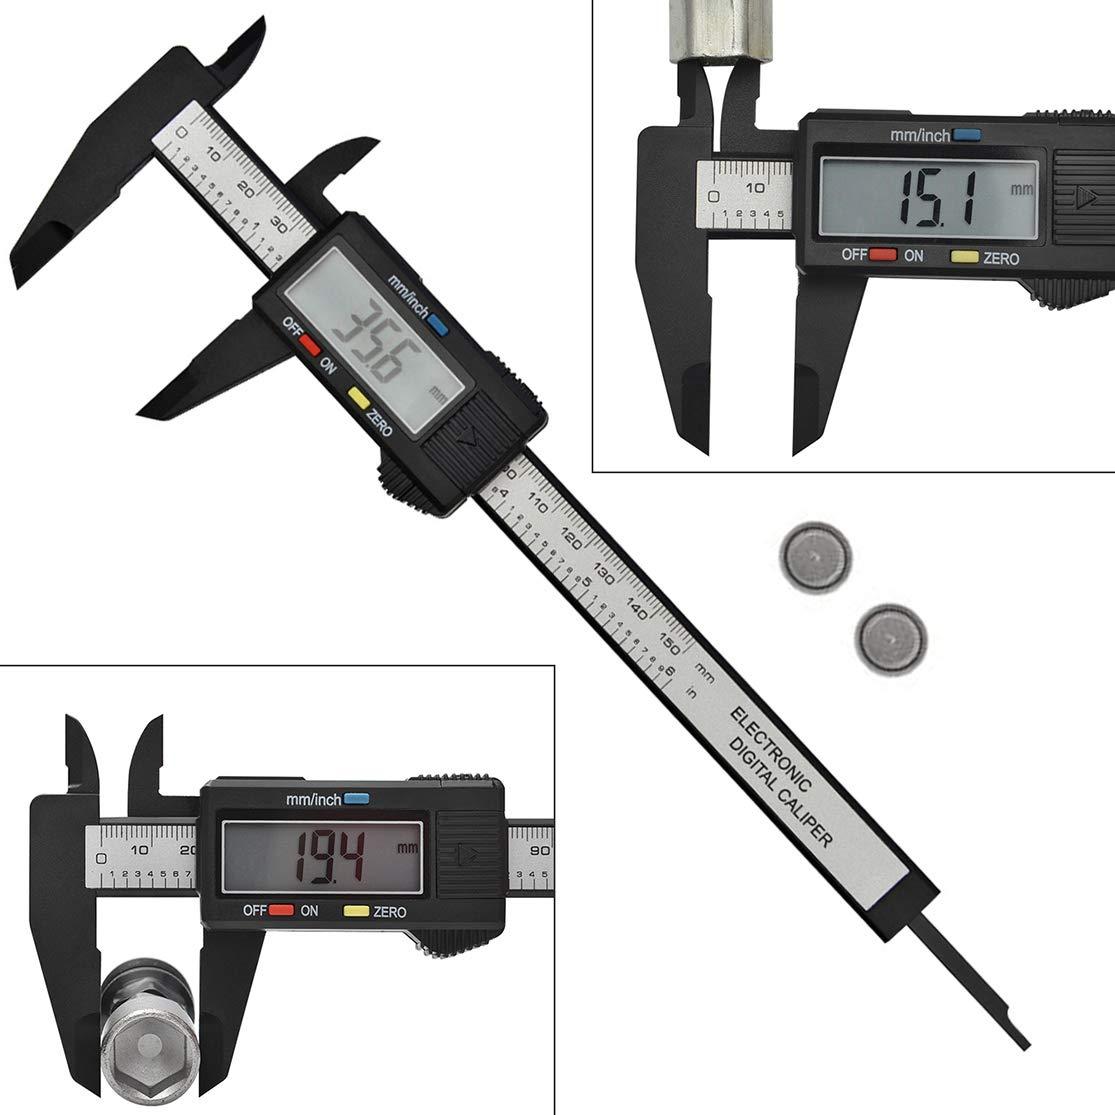 6/'/' 150mm Electronic LCD Digital Vernier Caliper Micrometer Measure Gauge Ruler